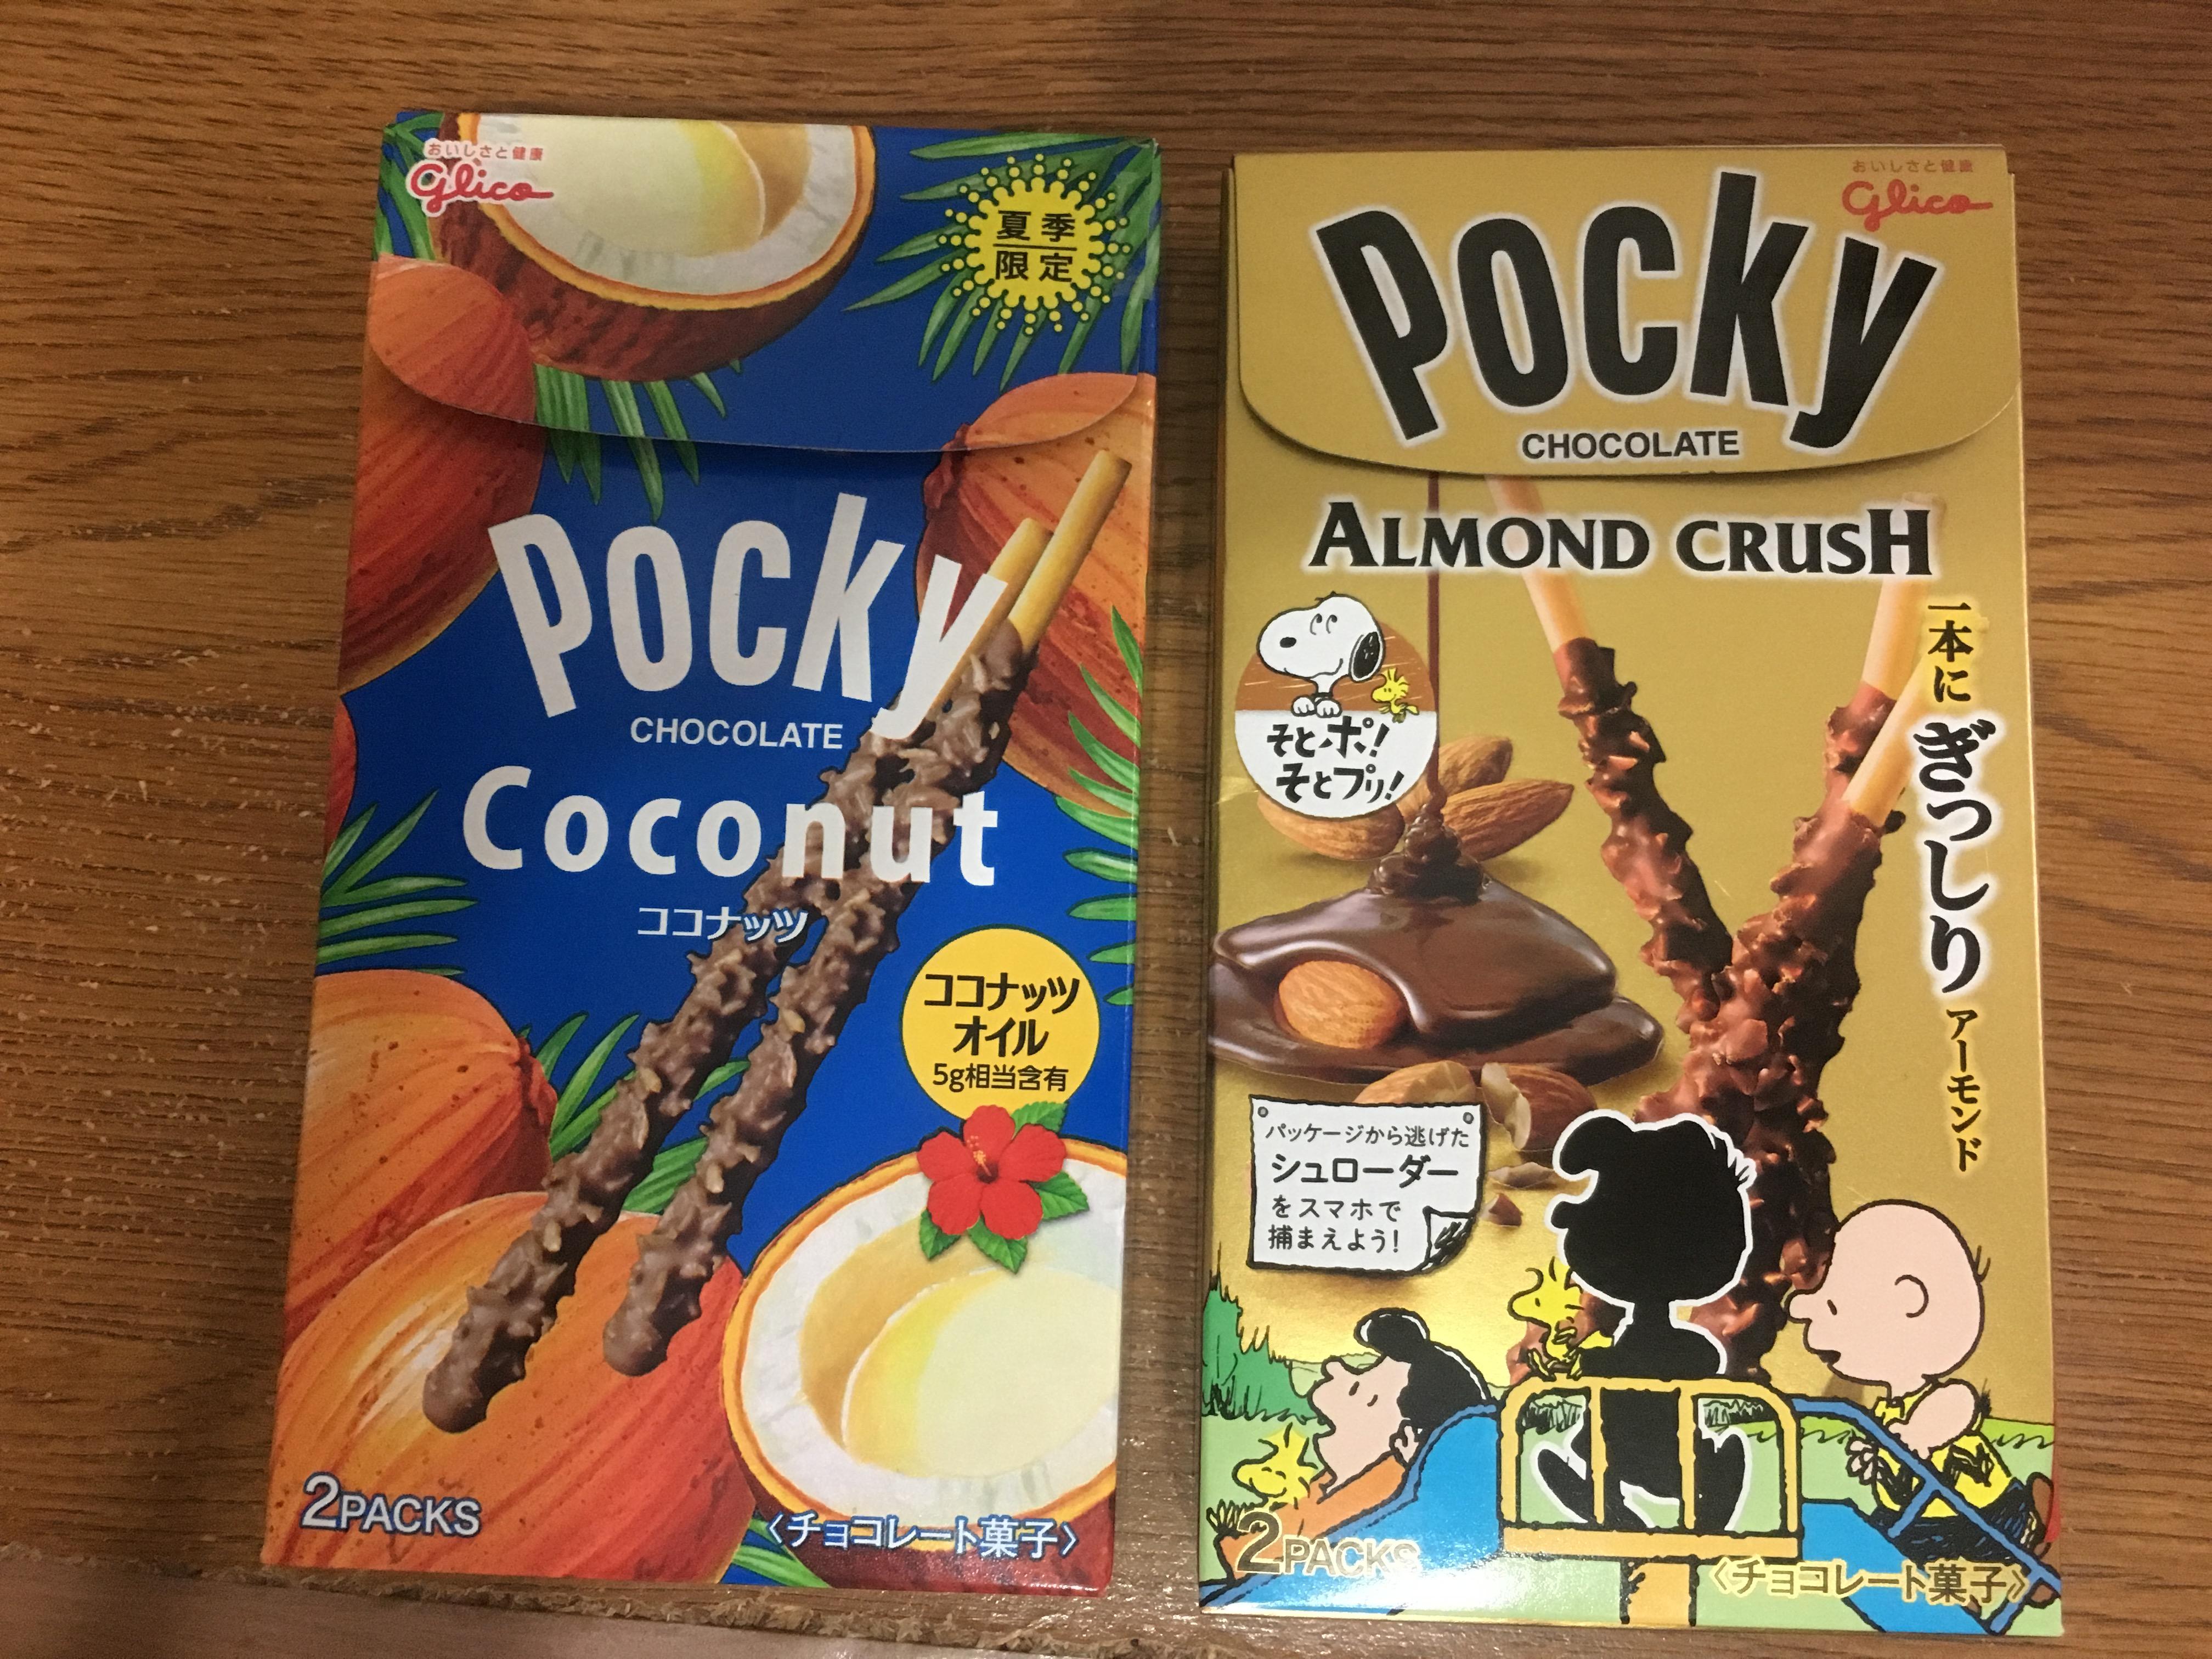 """【期間限定】ポッキー""""ココナッツ味""""と""""アーモンドクラッシュ味""""を食べ比べ!"""